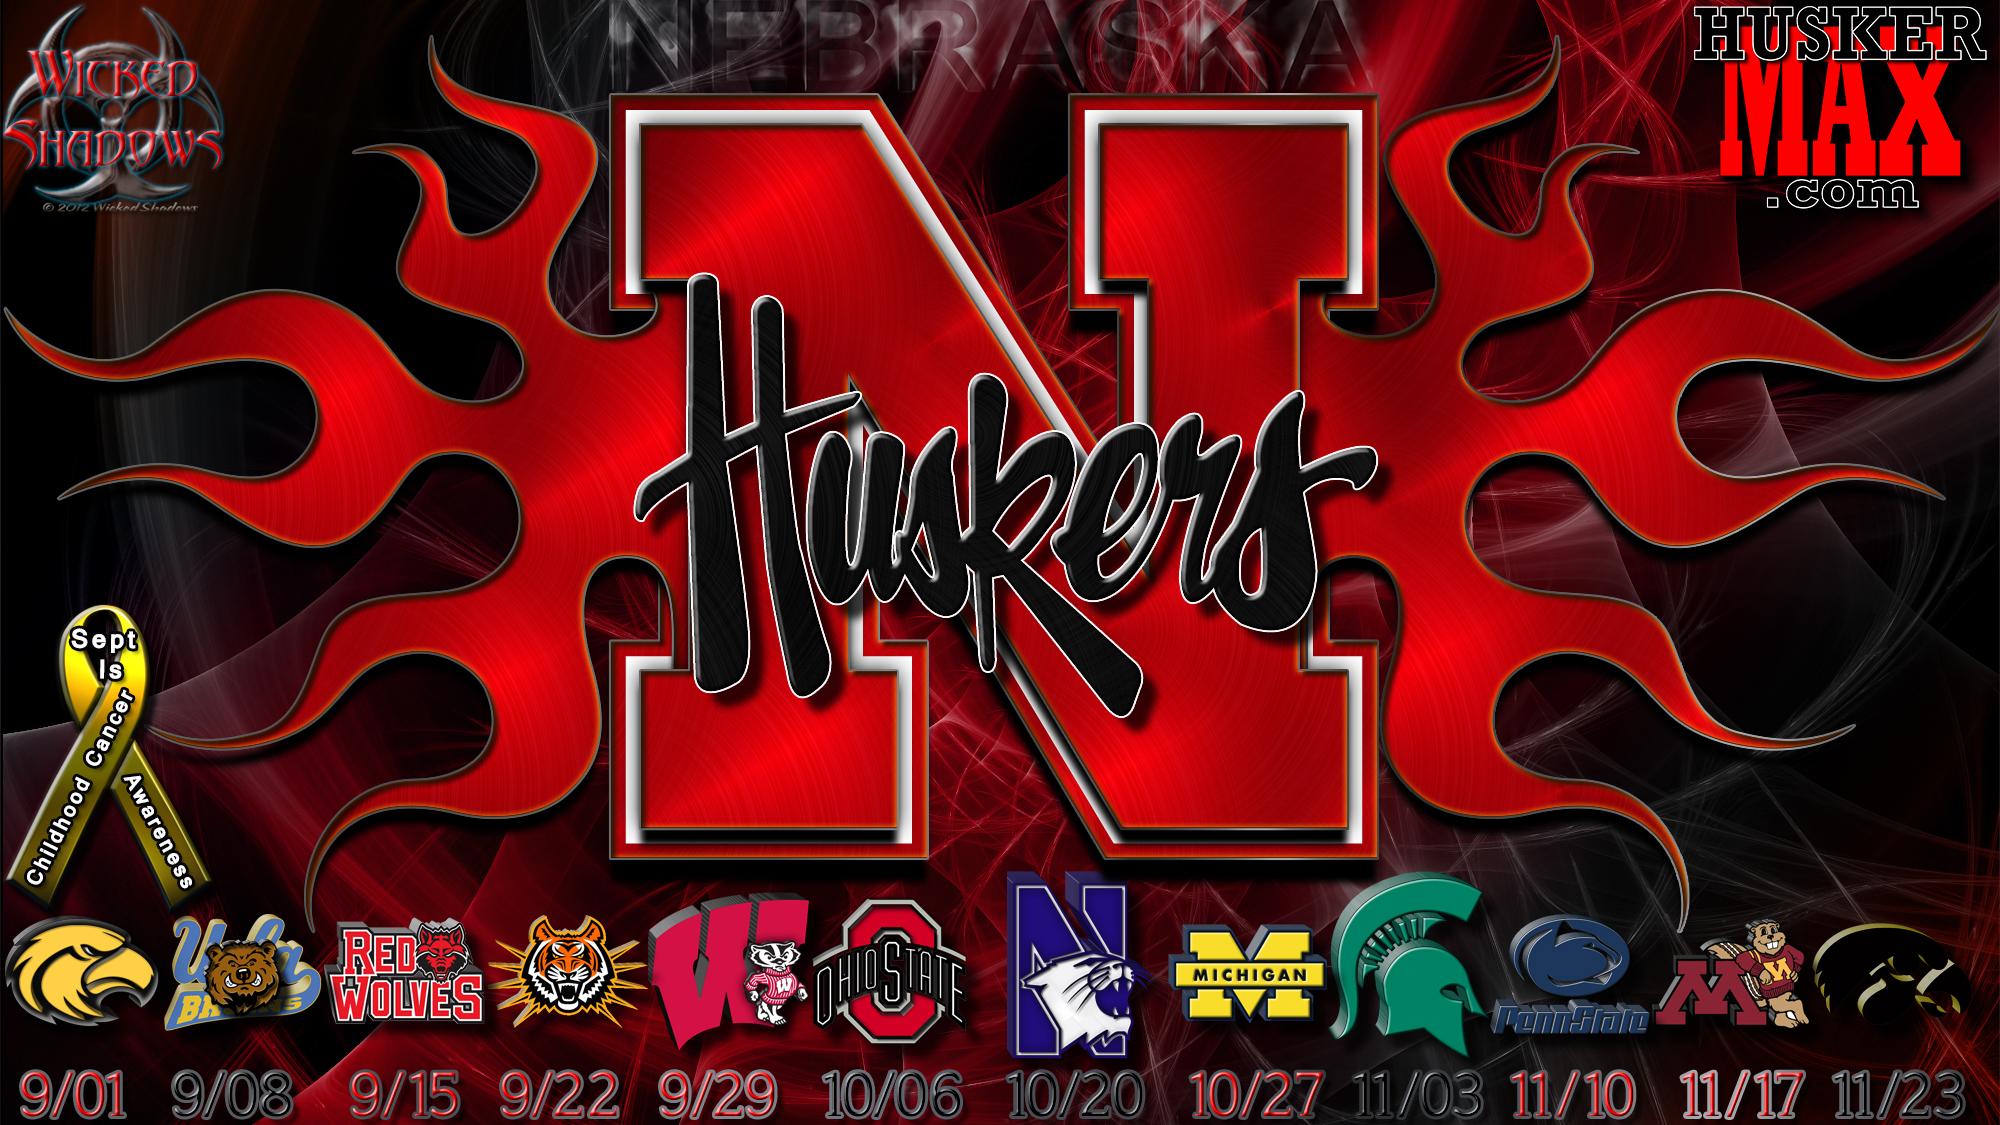 50 husker wallpaper free on wallpapersafari - Nebraska football wallpaper ...